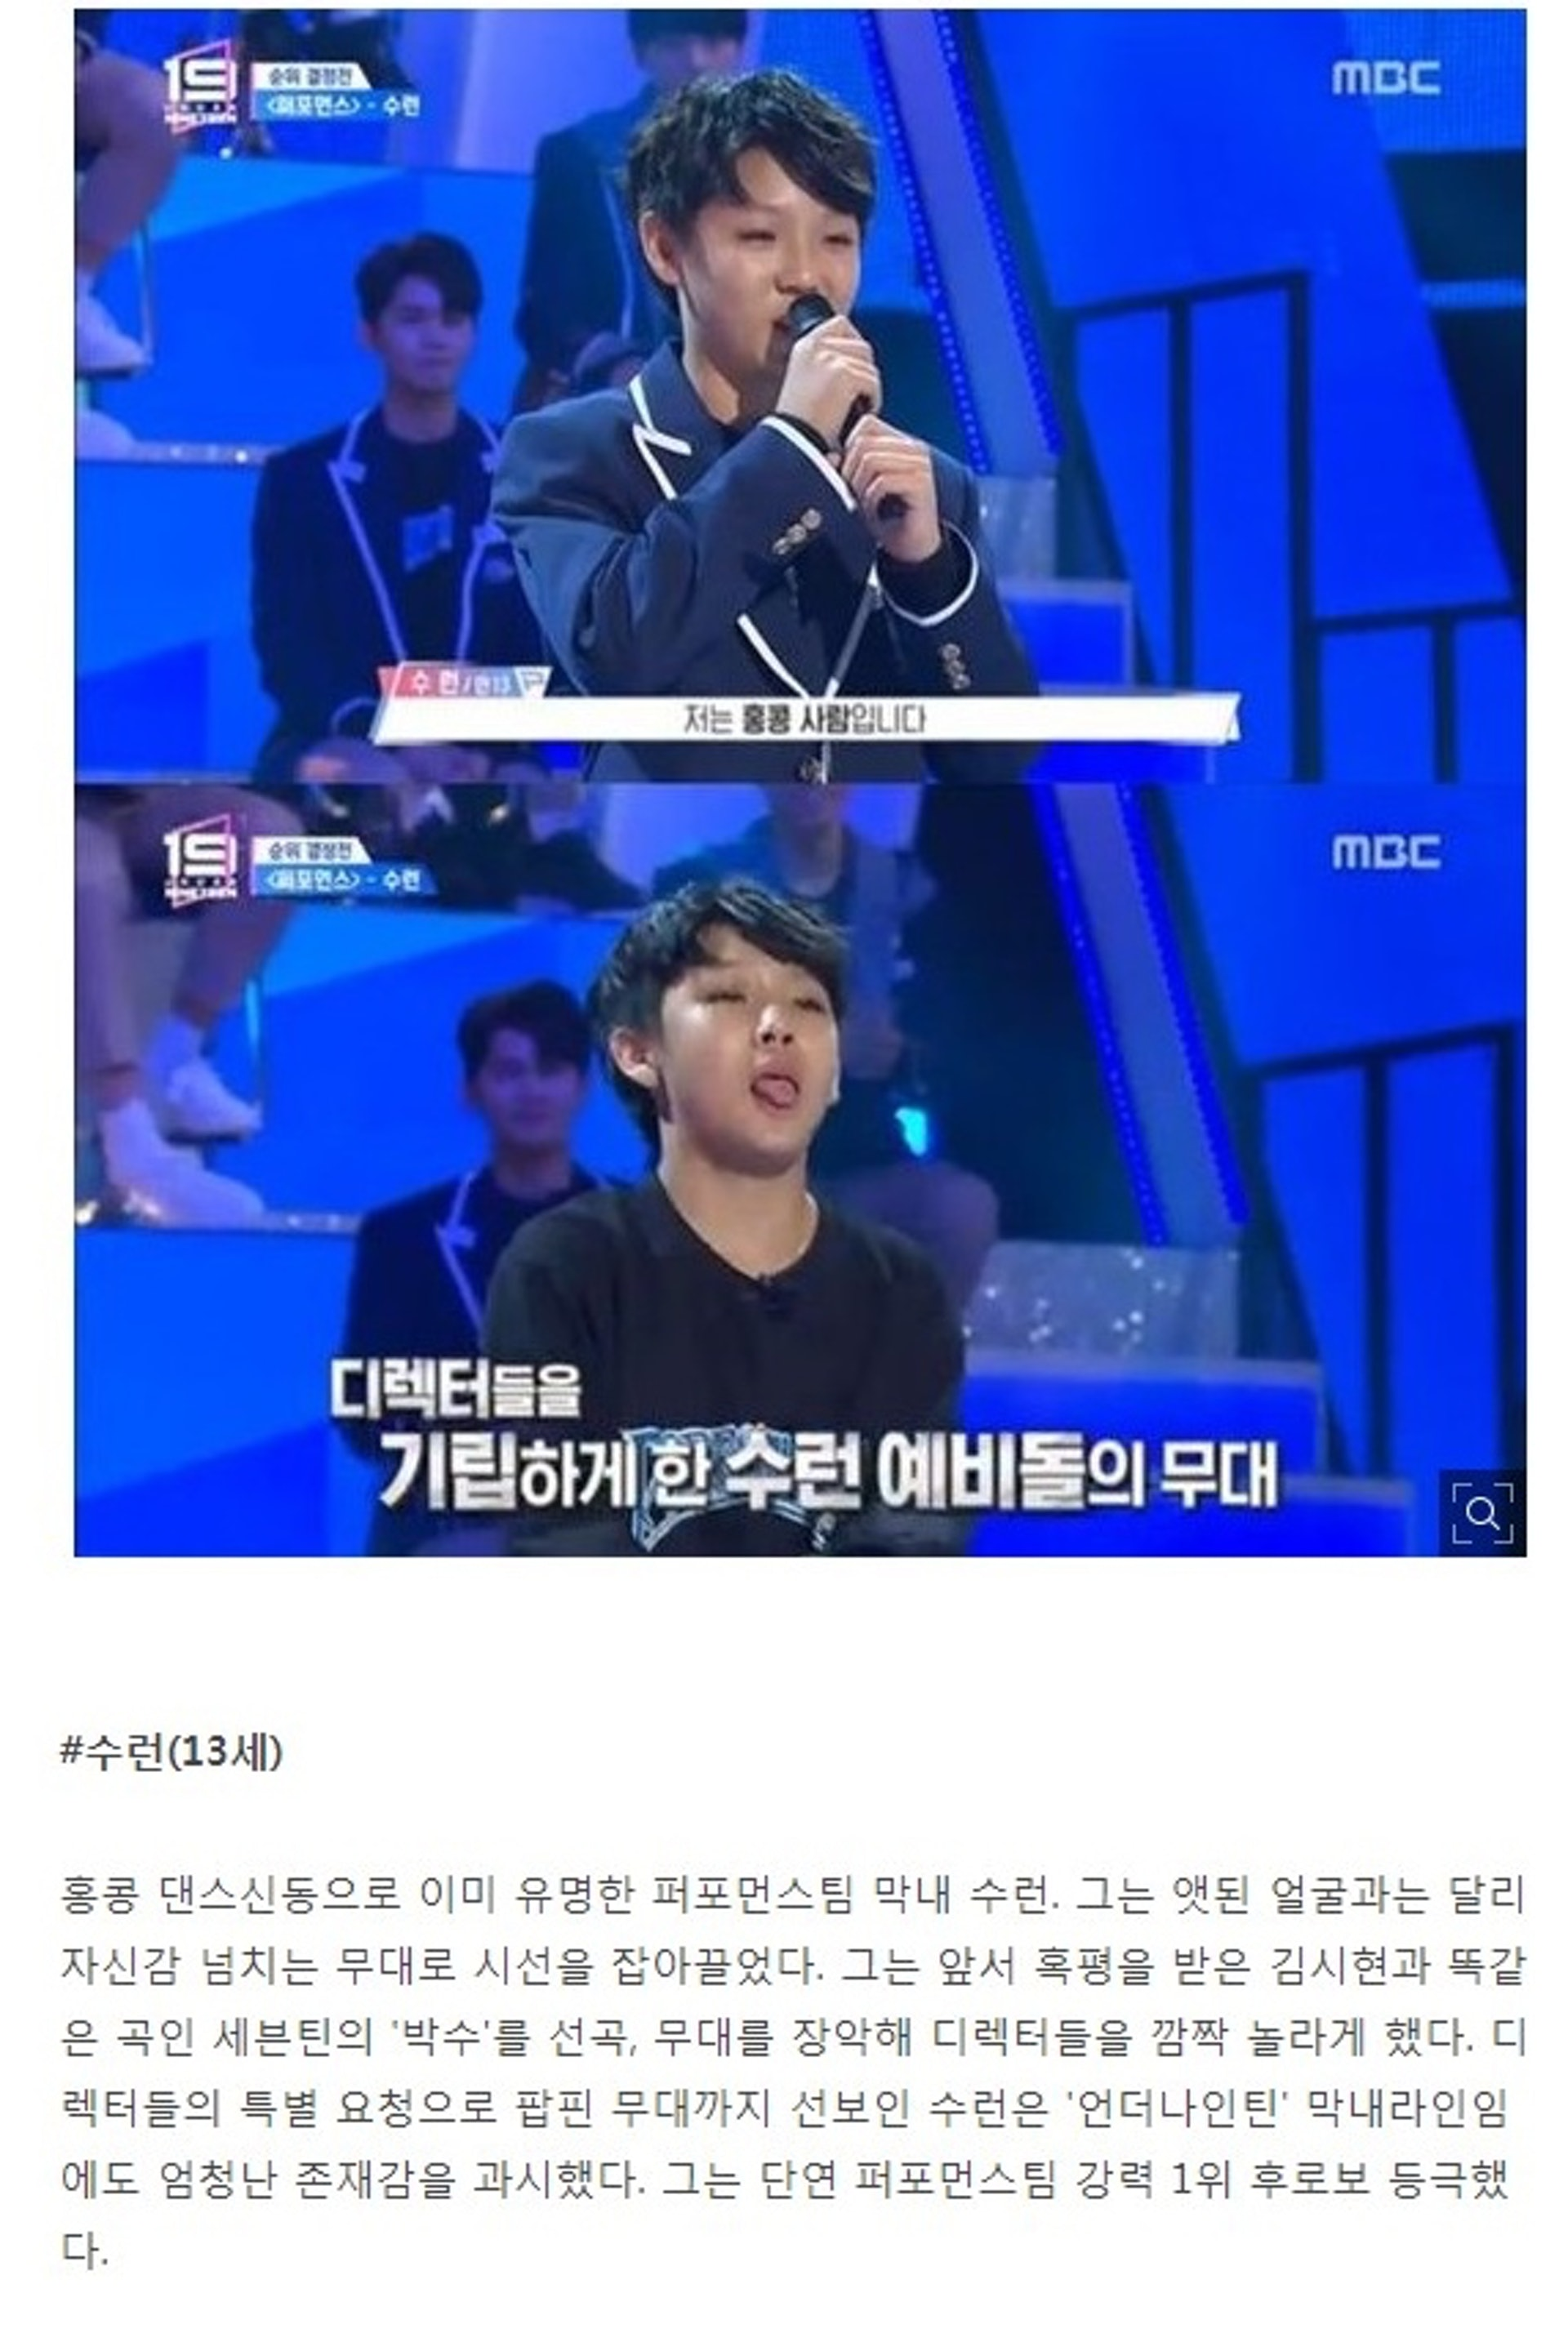 韓國傳媒形容薛永希是表演隊的「強力冠軍人選」。(網上截圖)